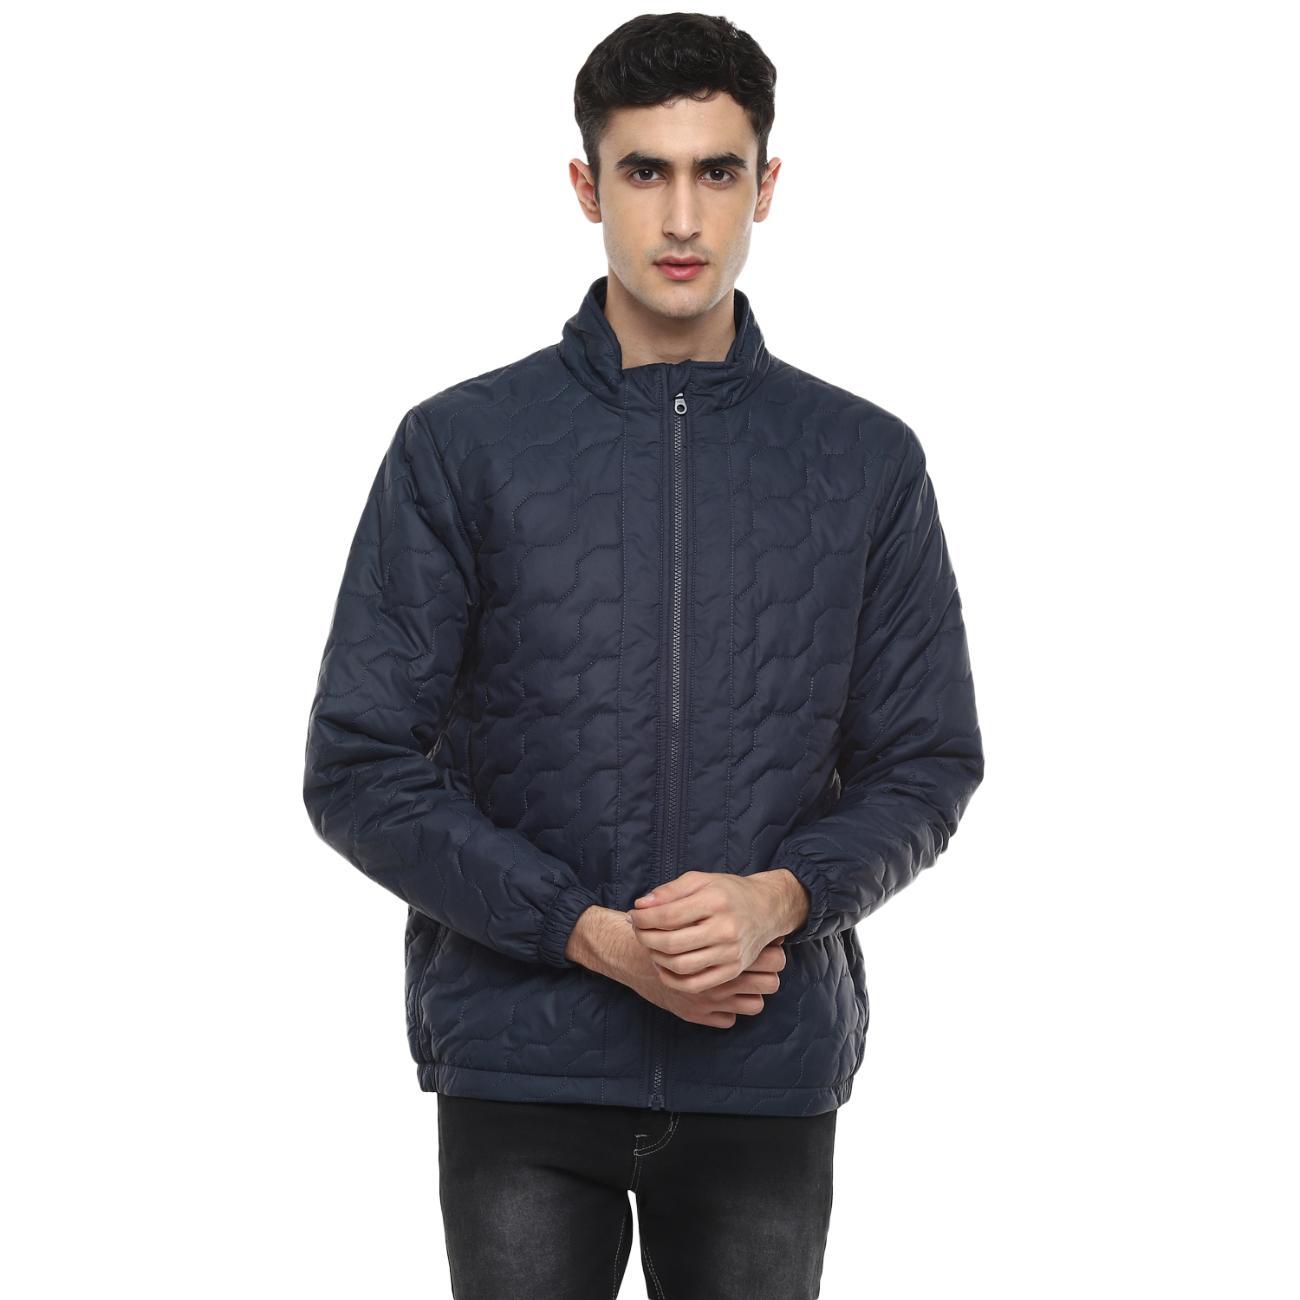 Buy Navy Jacket For Men